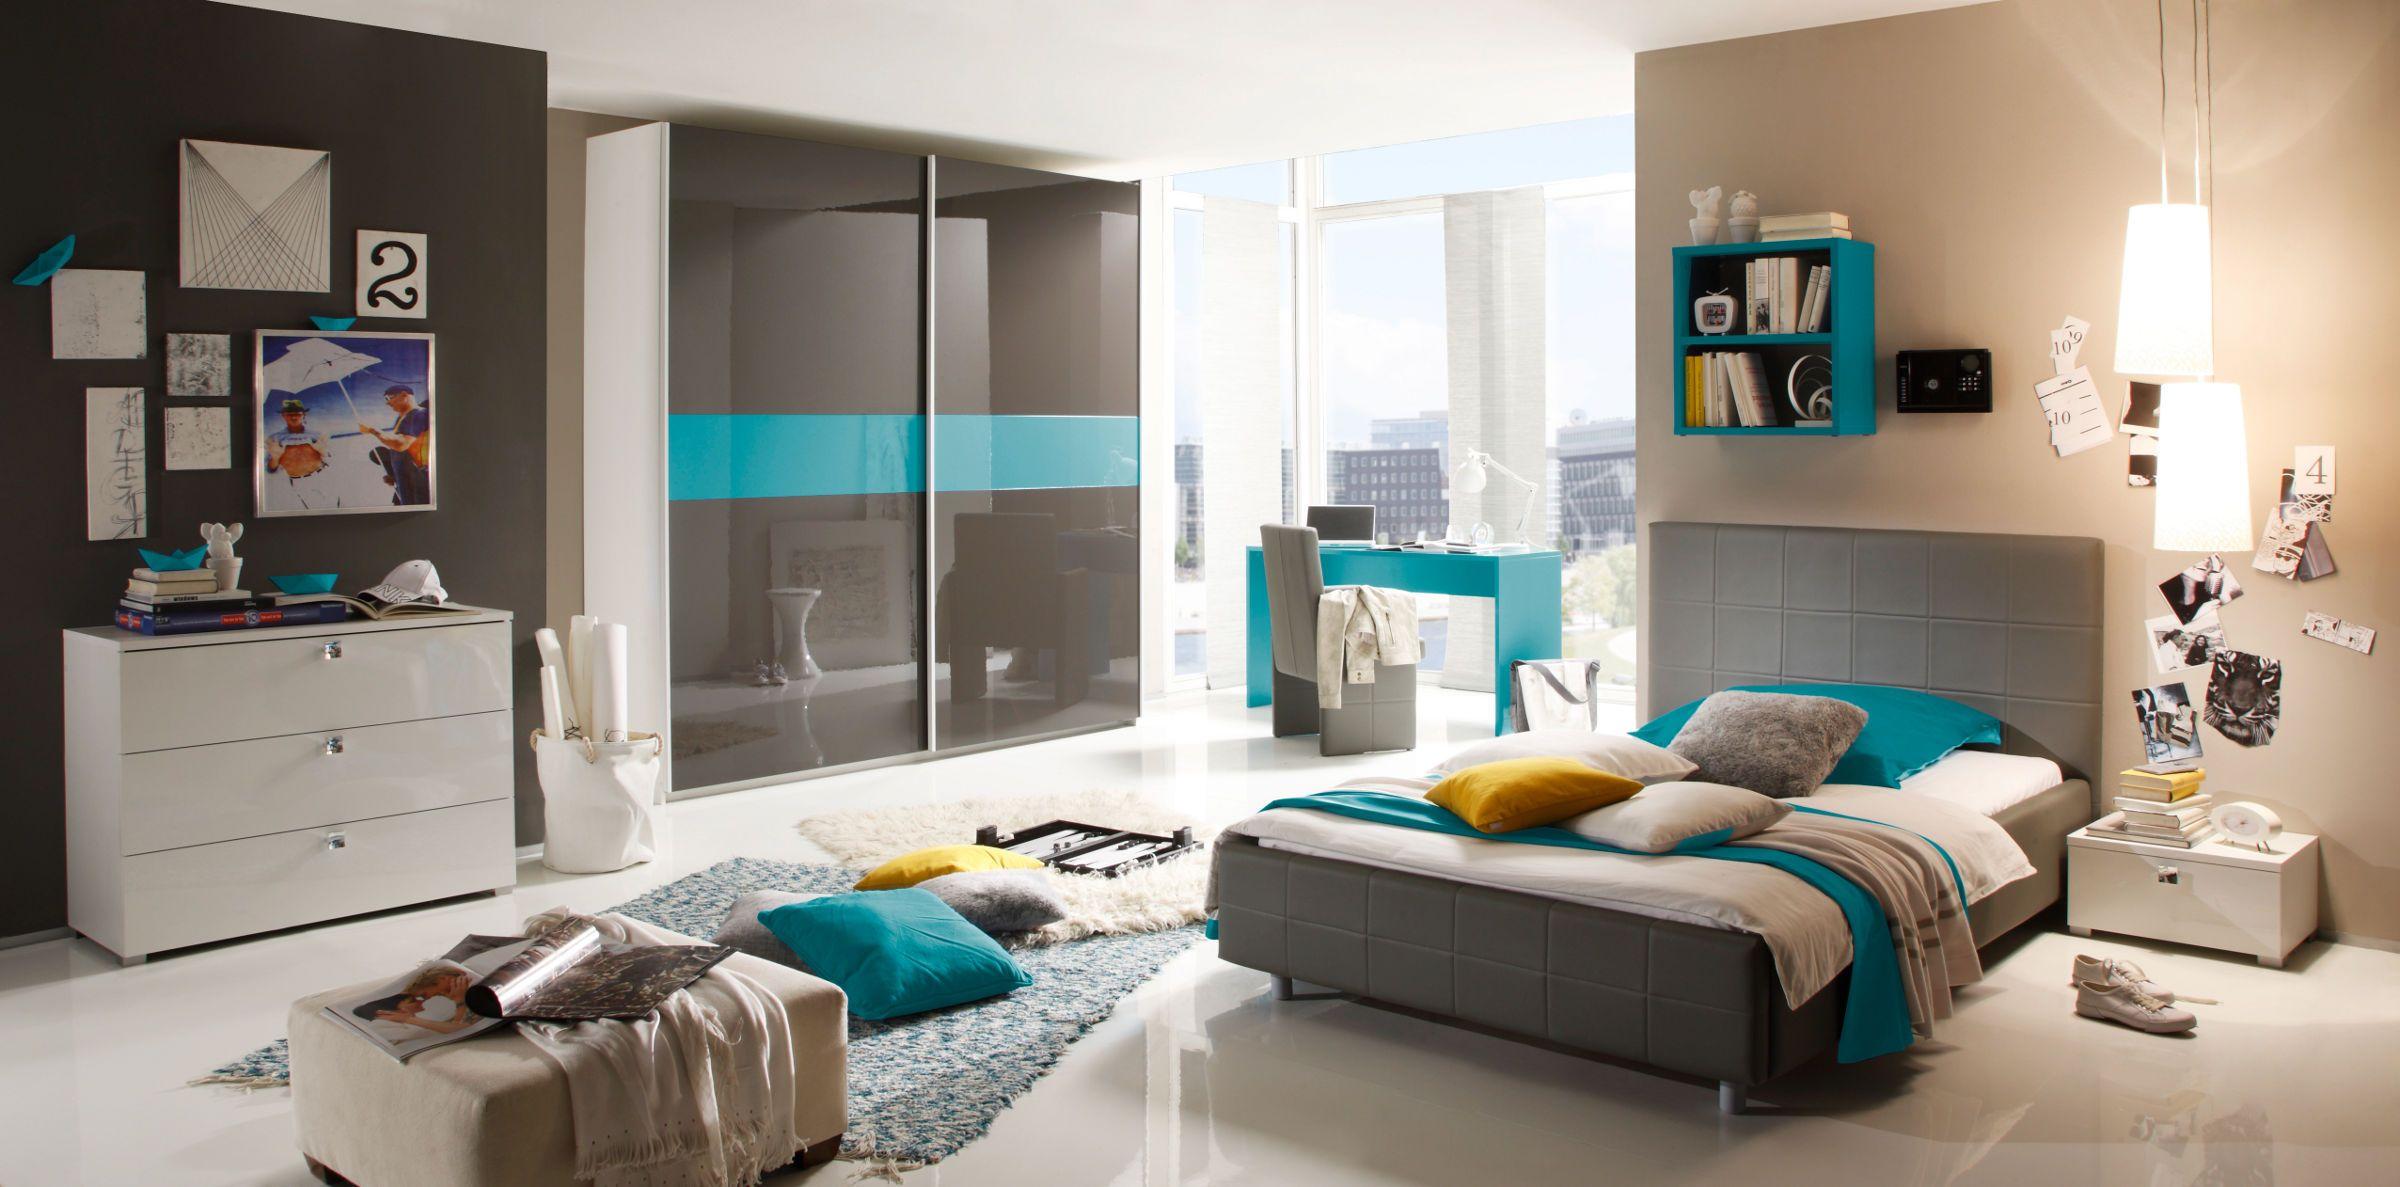 Schlafzimmer Braun Türkis